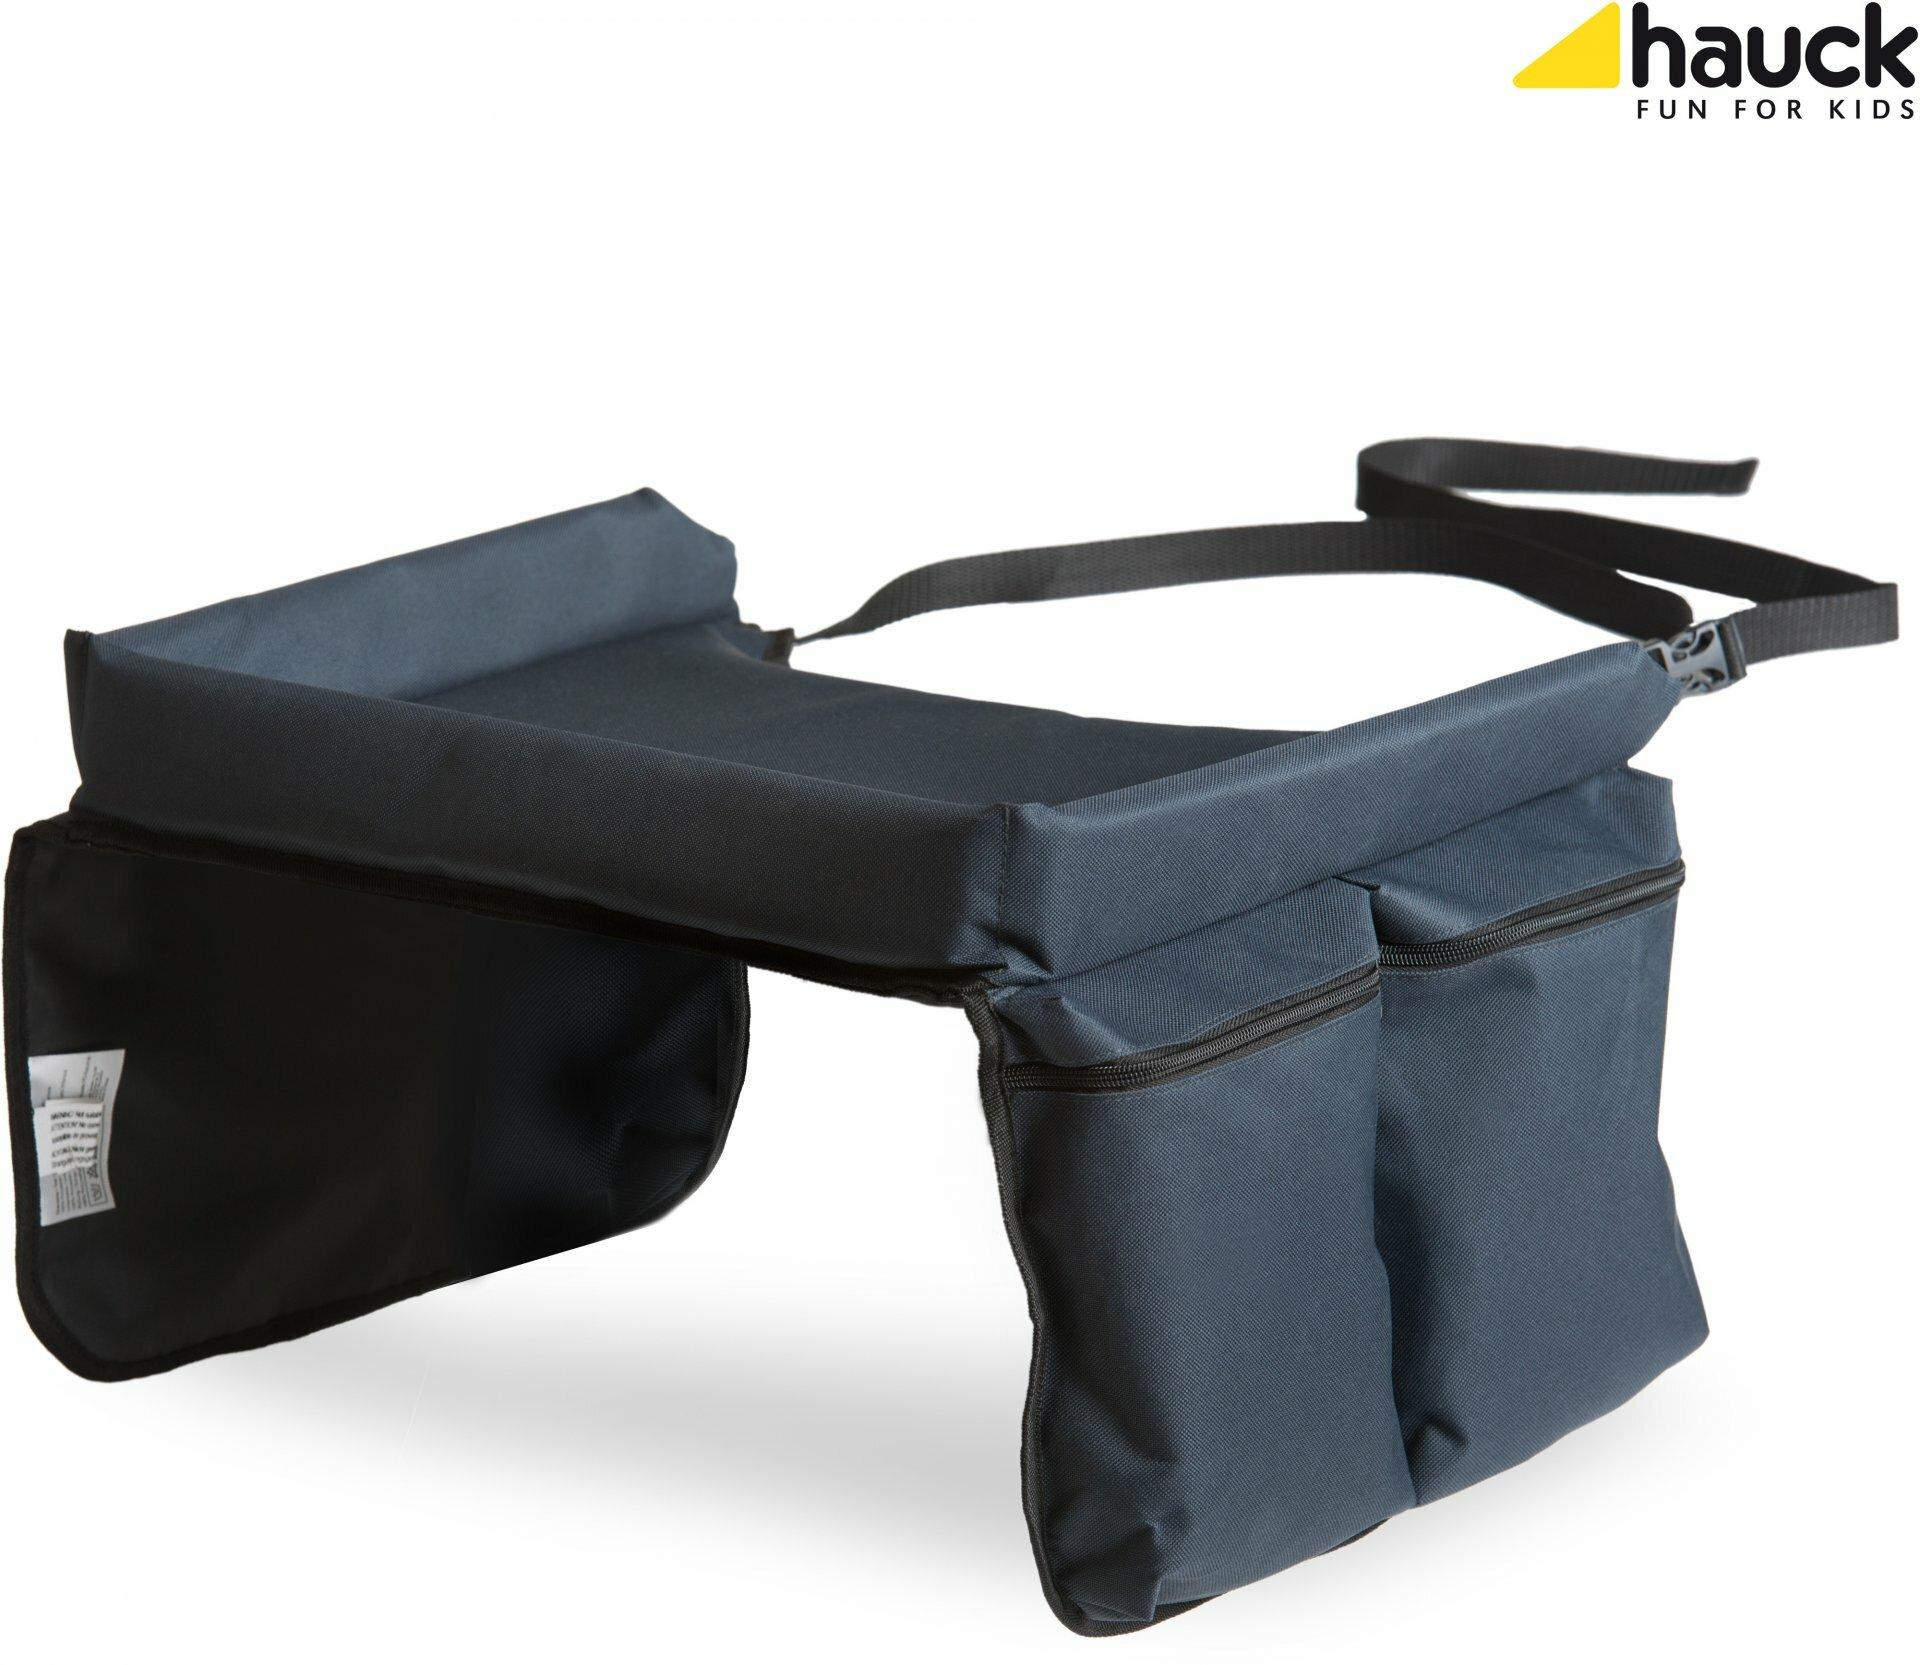 Съемный столик для автокресла Hauck